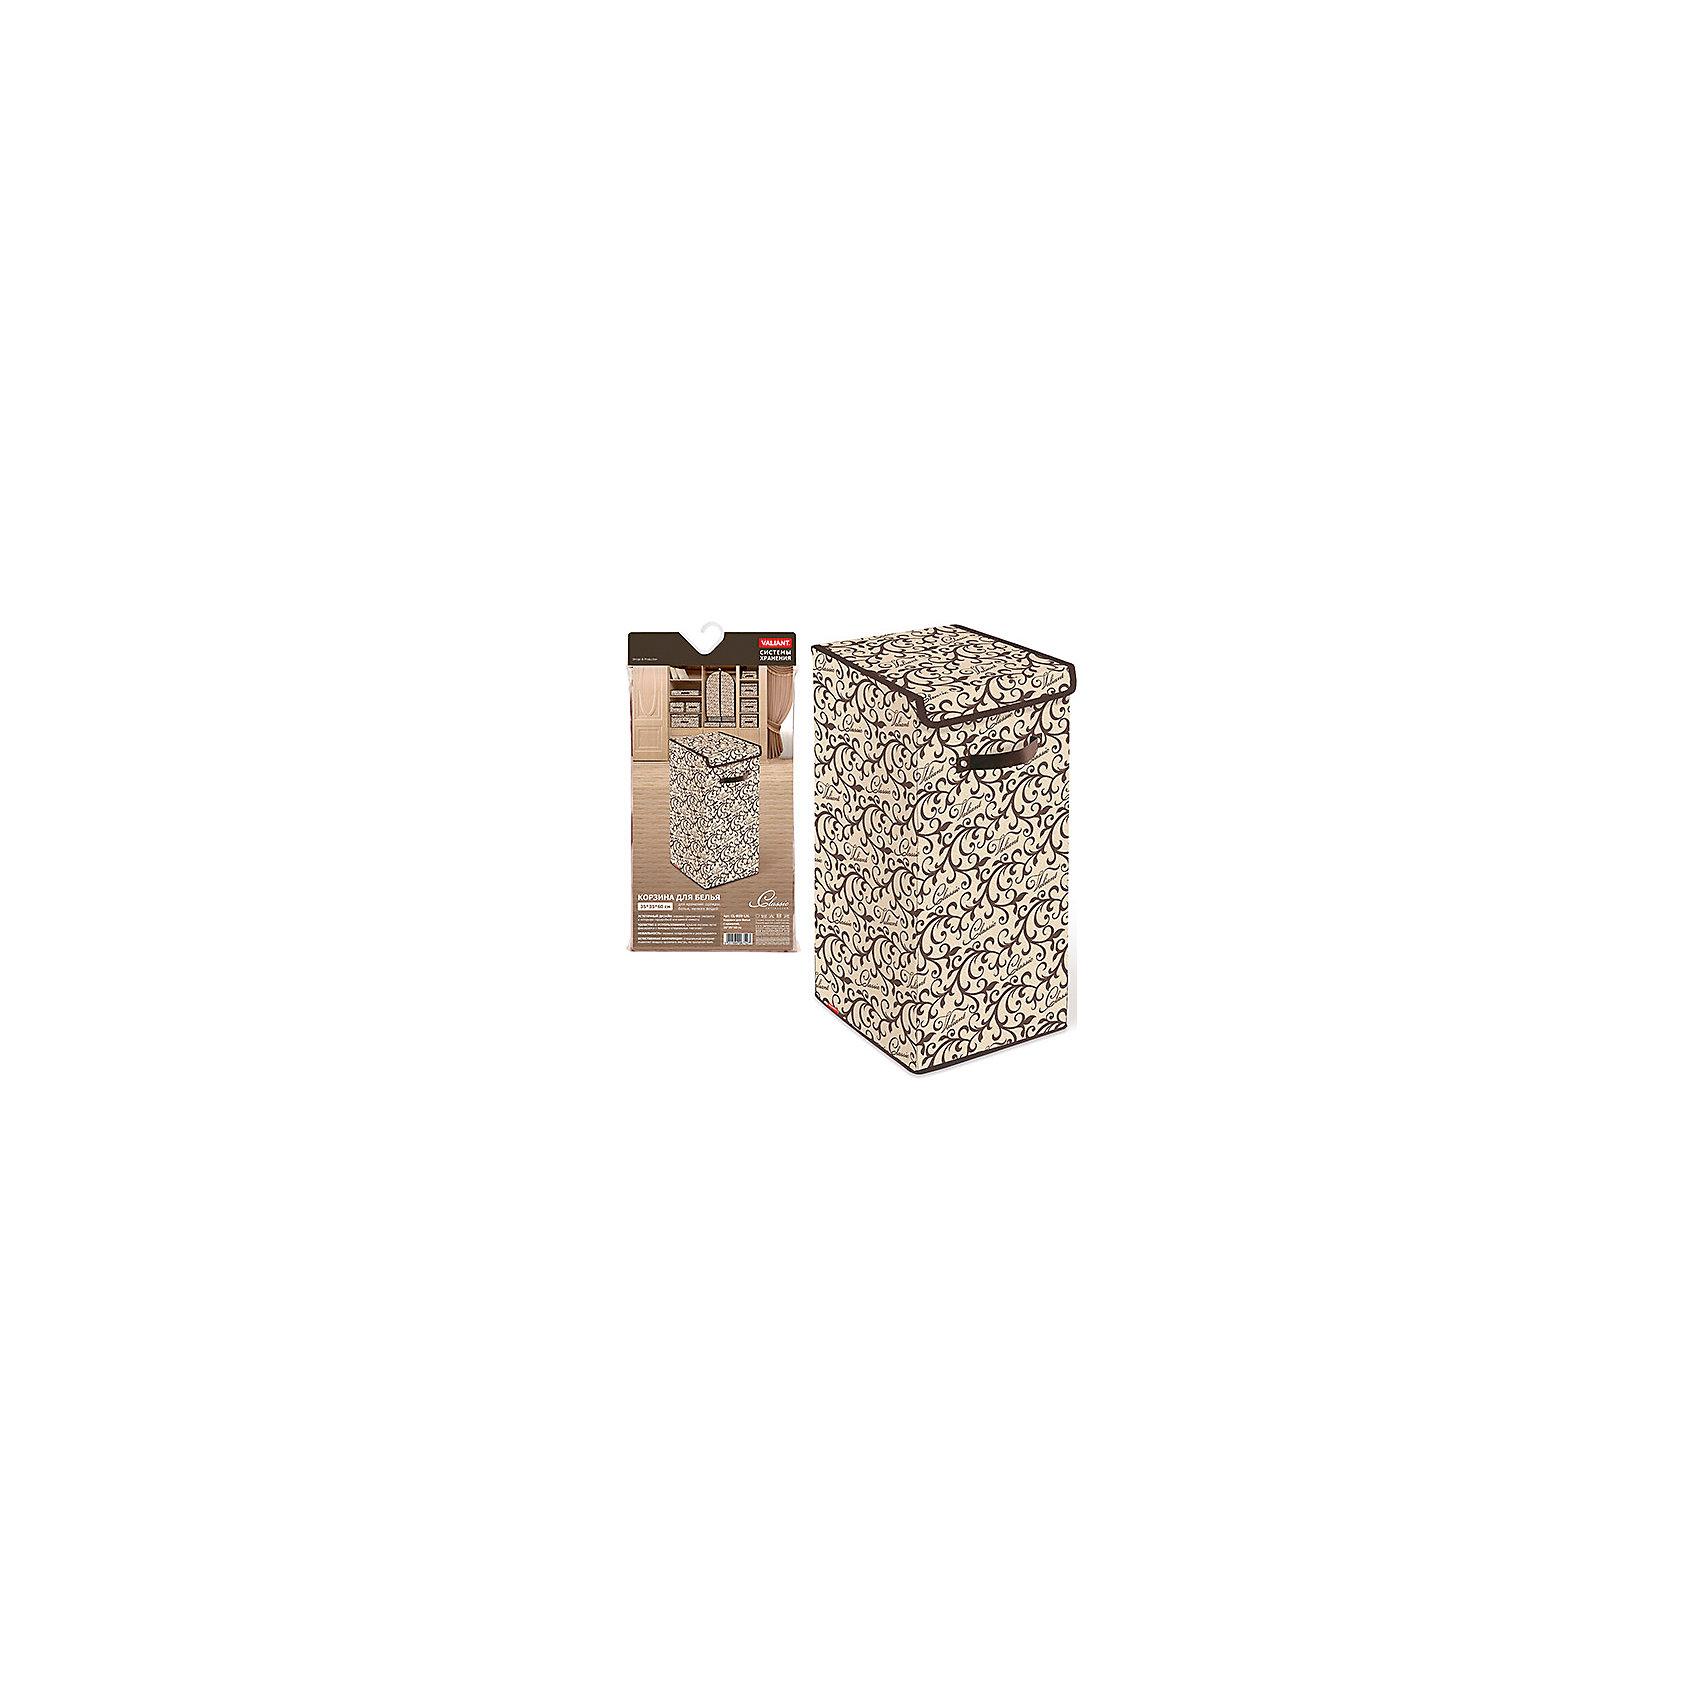 Корзина для белья с крышкой, 35*35*60 см, CLASSIC, ValiantКорзина для белья с крышкой, 35*35*60 см, CLASSIC, Valiant (Валиант) – это удобный аксессуар, обеспечивающий эстетичное хранение вещей.<br>Корзина для белья с крышкой CLASSIC от Valiant (Валиант) гармонично смотрится в интерьере гардеробной или ванной комнаты. Она очень удобна и практична. Корзина идеально подойдет для сбора и хранения вещей перед стиркой. Она изготовлена из высококачественного нетканого материала, который обеспечивает естественную вентиляцию, позволяя воздуху проникать внутрь, но не пропускает пыль. Вставки из плотного картона хорошо держат форму. Крышка корзины фиксируется с помощью специальных магнитов. Наличие ручки позволяет легко перемещать корзину. Изделие отличается мобильностью: легко раскладывается и складывается. Изысканный дизайн придется по вкусу ценителям классического стиля. Специально для CLASSIC Collection дизайнеры Valiant (Валиант) разработали фирменный классический вензель. Изысканный узор, гармония изящных линий и благородное сочетание цветов составляет основу элегантного дизайна CLASSIC Collection.<br><br>Дополнительная информация:<br><br>- Размер: 35х35х60 см.<br>- Материал: нетканый материал, картон<br>- Цвет: коричневый, бежевый<br><br>Корзину для белья с крышкой, 35*35*60 см, CLASSIC, Valiant (Валиант) можно купить в нашем интернет-магазине.<br><br>Ширина мм: 350<br>Глубина мм: 25<br>Высота мм: 710<br>Вес г: 1525<br>Возраст от месяцев: 36<br>Возраст до месяцев: 1080<br>Пол: Унисекс<br>Возраст: Детский<br>SKU: 4993407